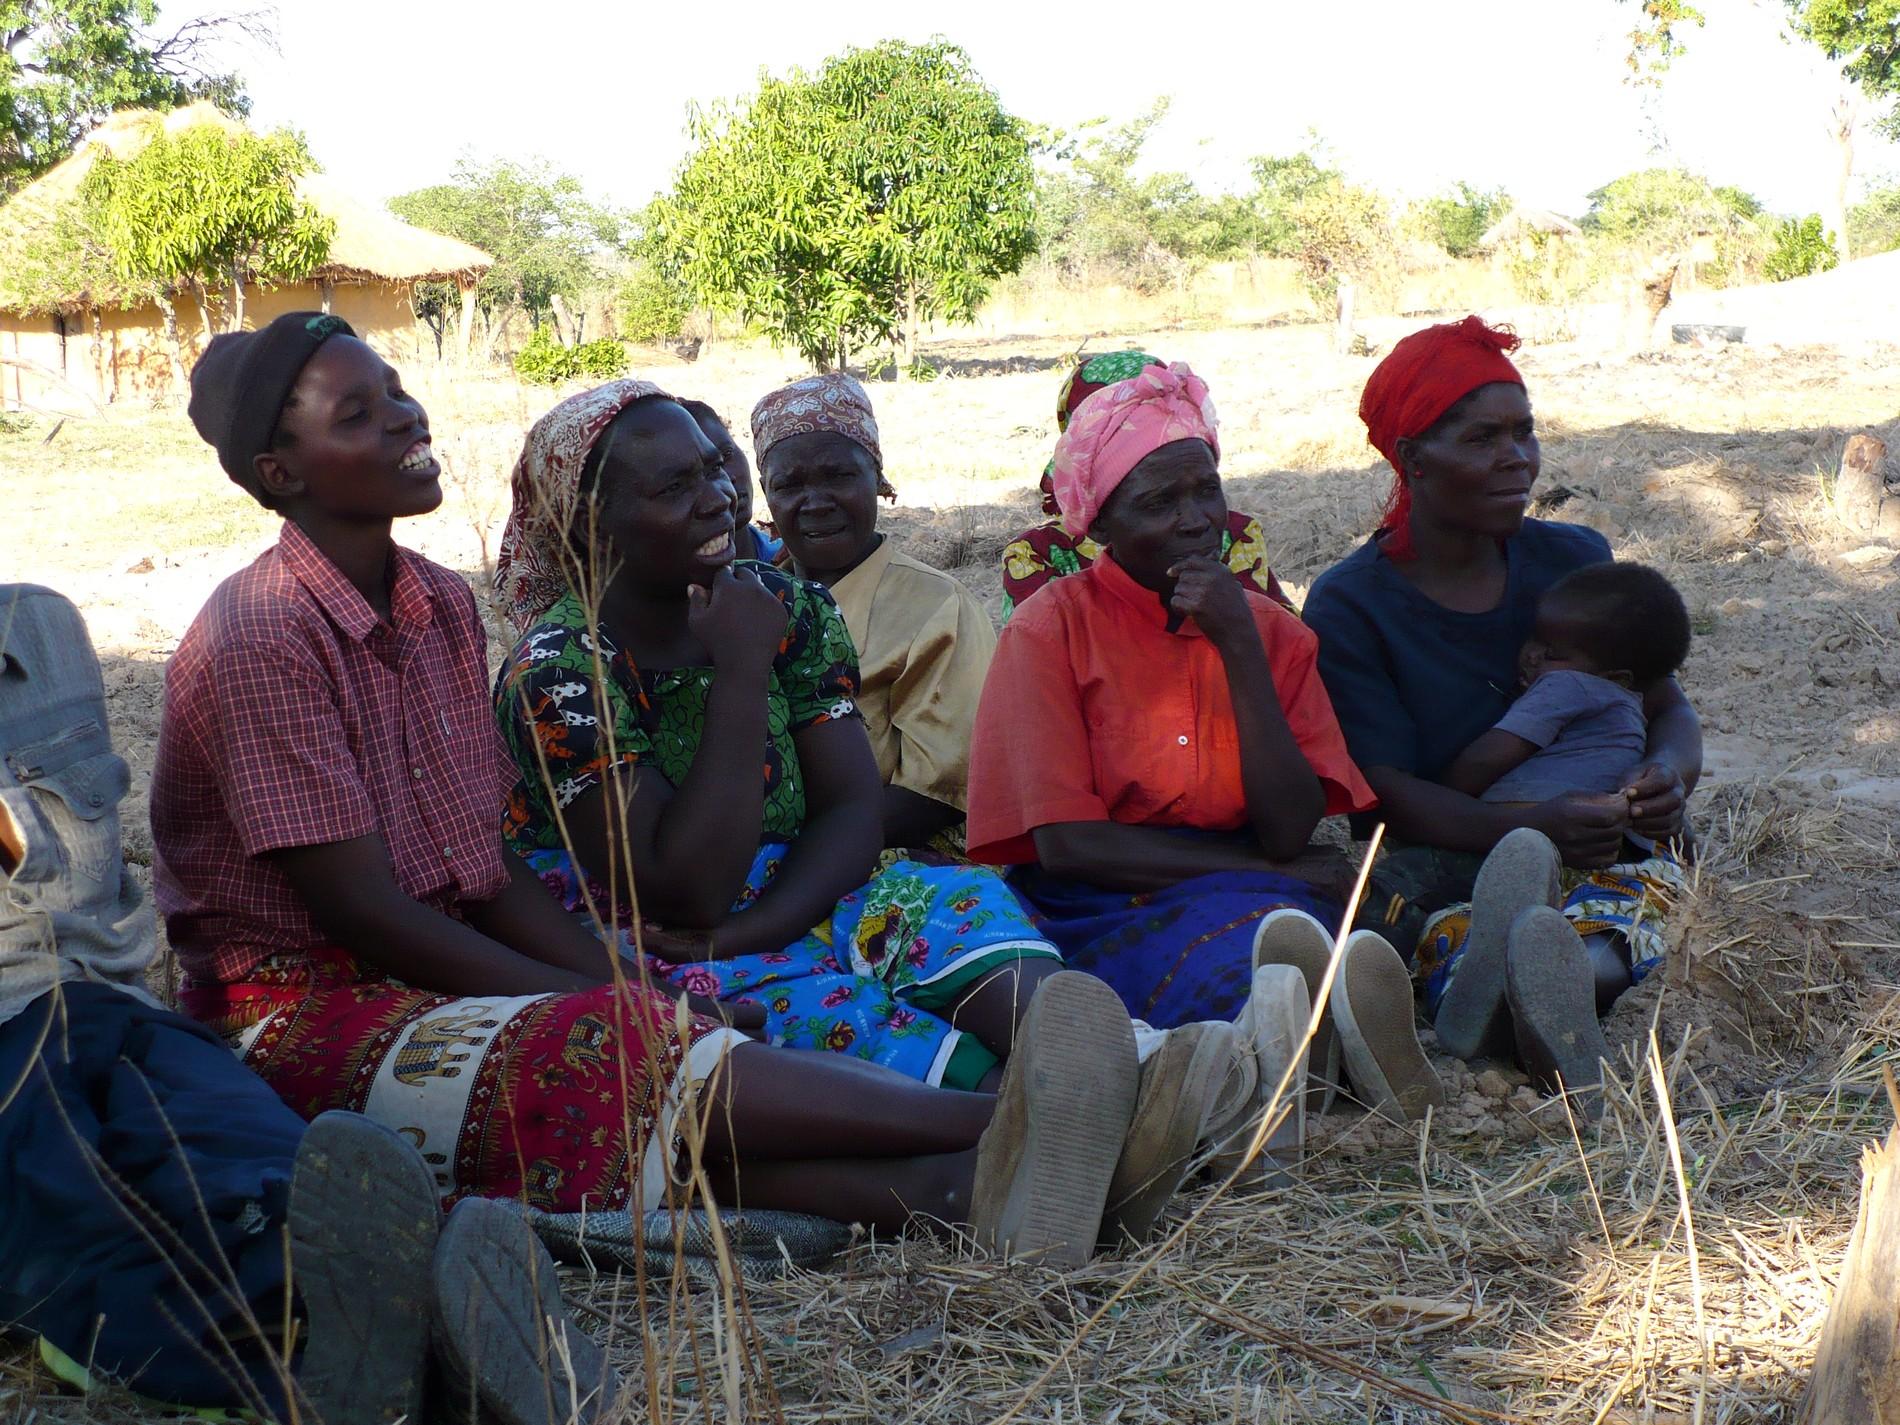 Femmes de Zambie